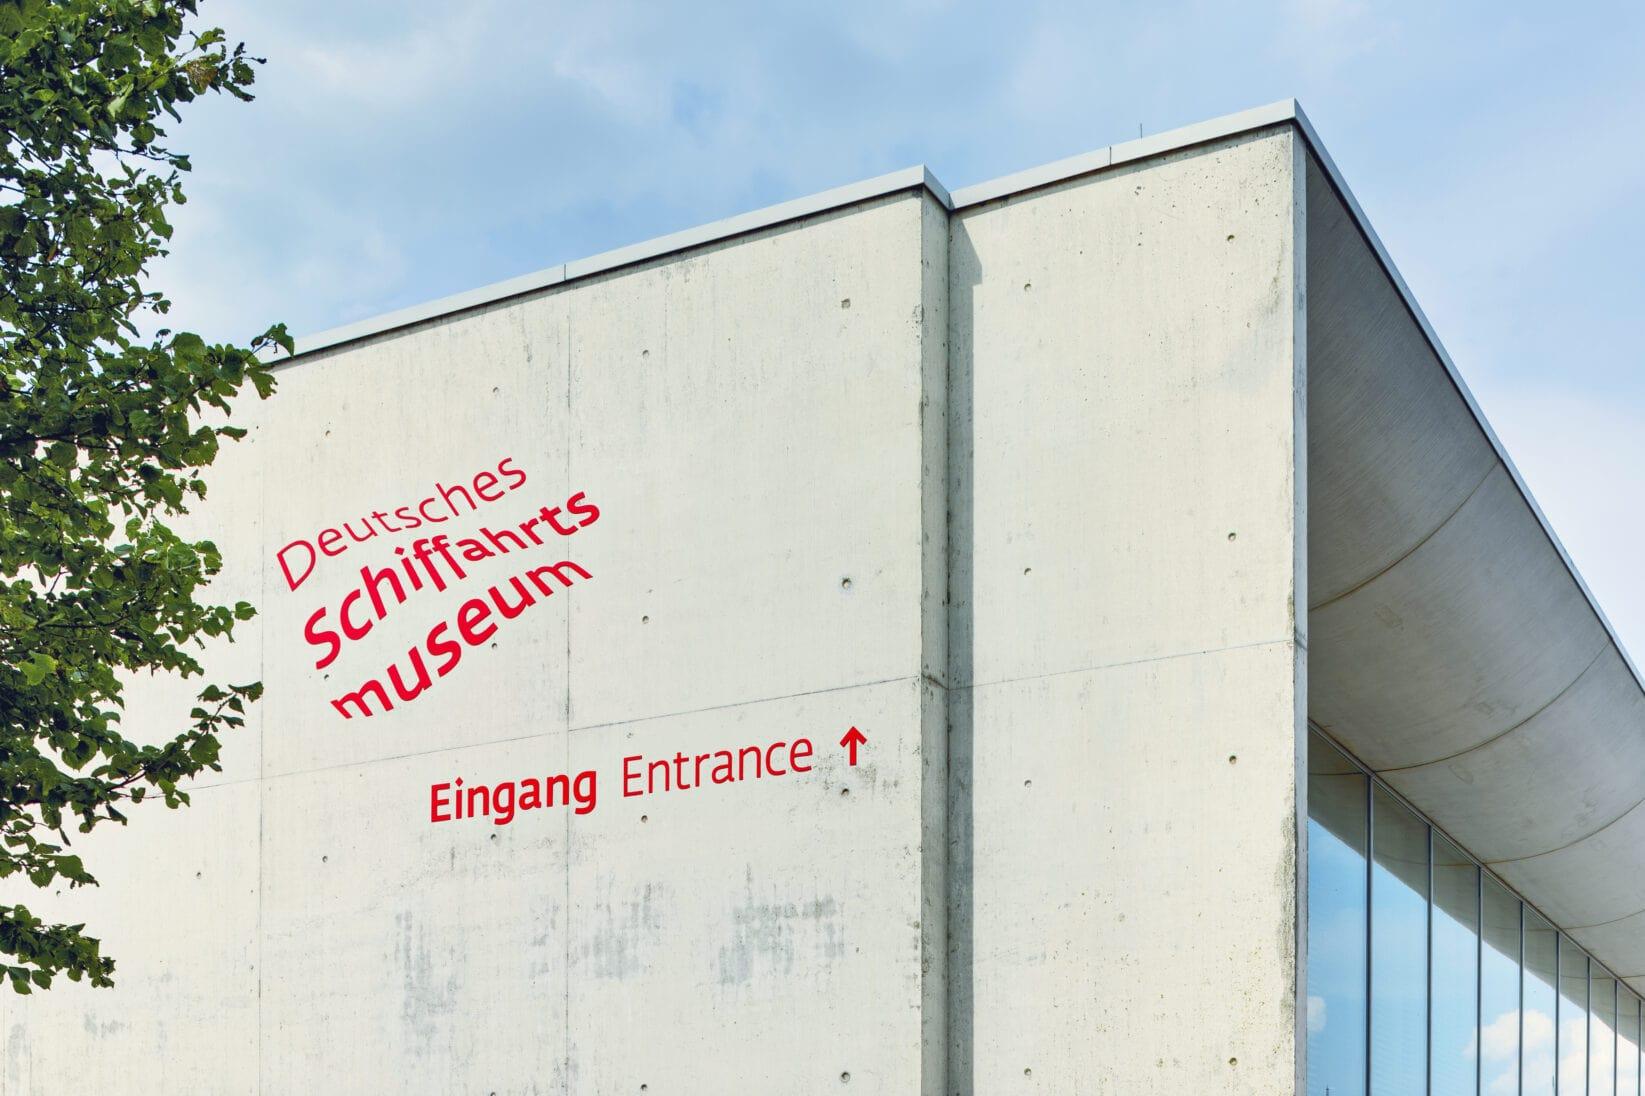 Leitsystem DSM Schifffahrtsmuseum Ausßenbereich Gebaeude Logo